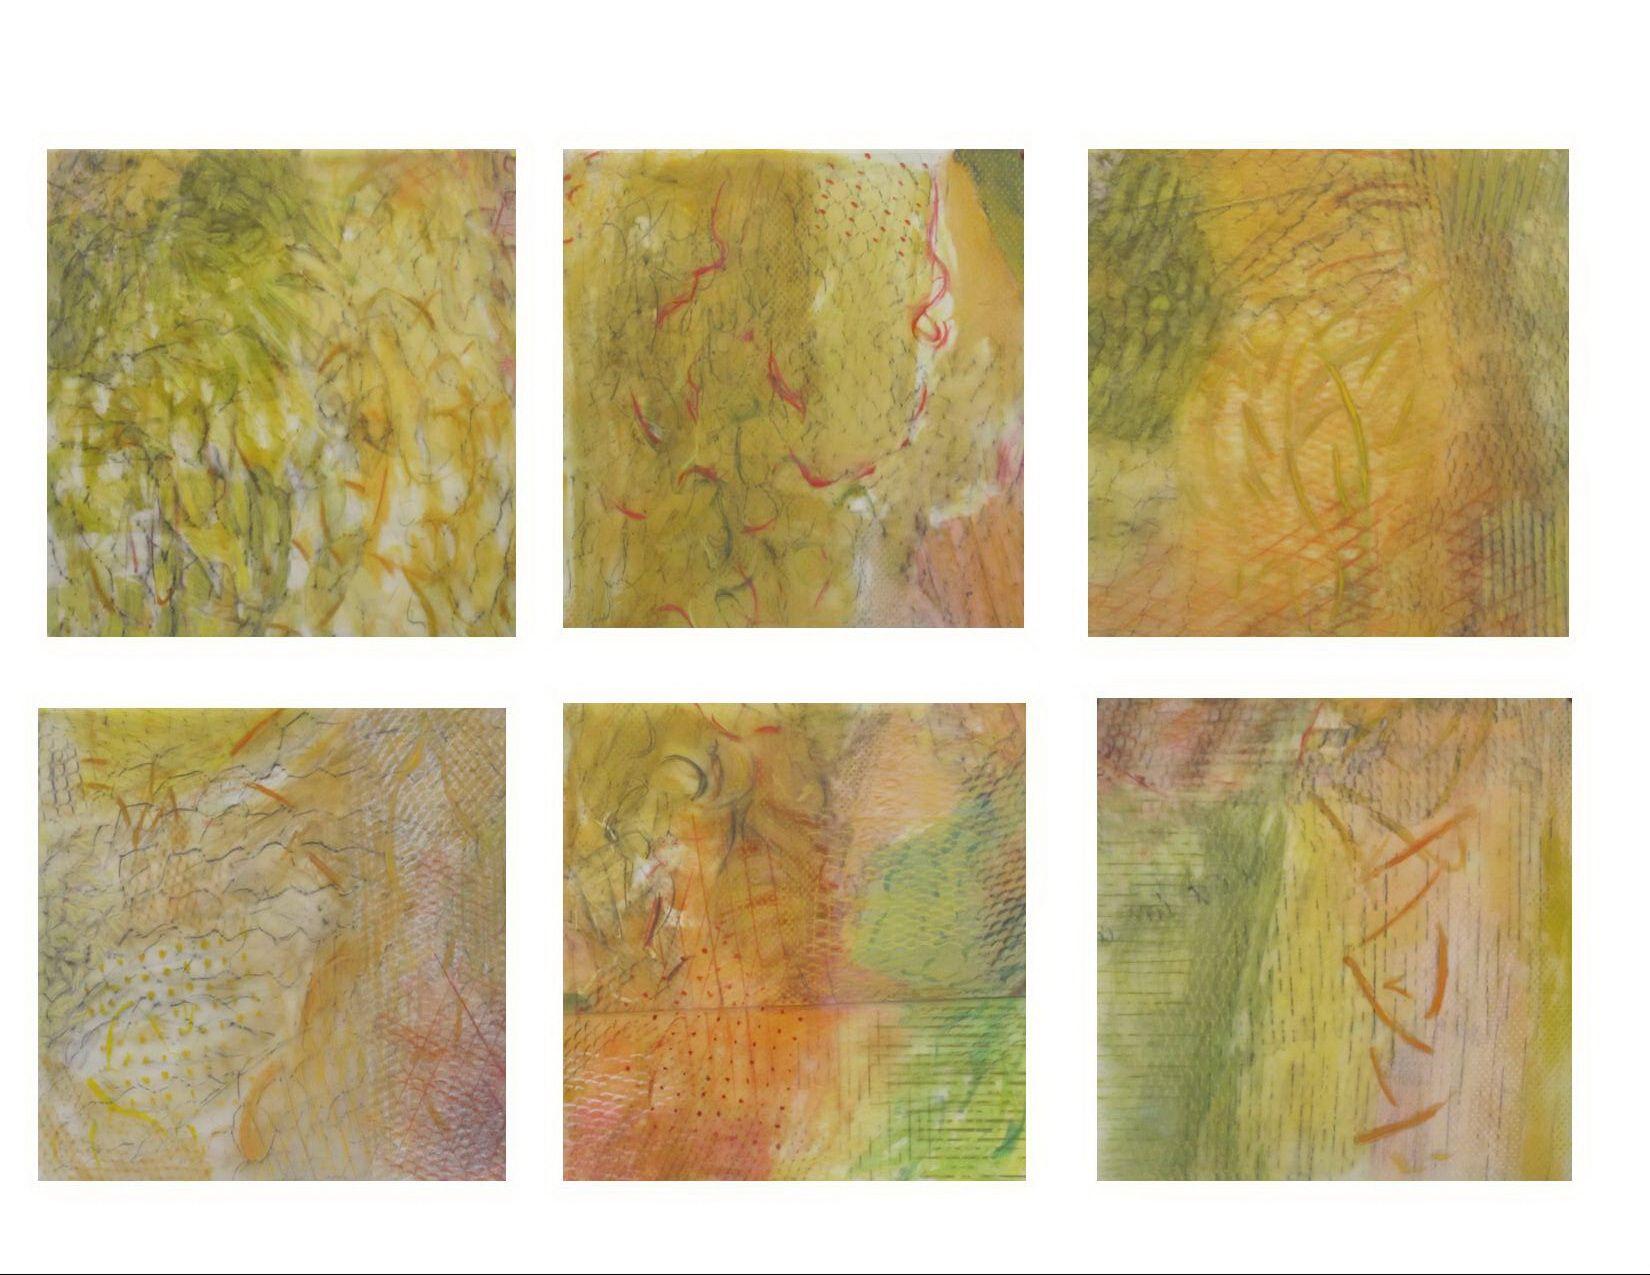 Lexan Grasses fo Paul   6 modules 24 x 24 inches oil muxed media on lexan.jpg